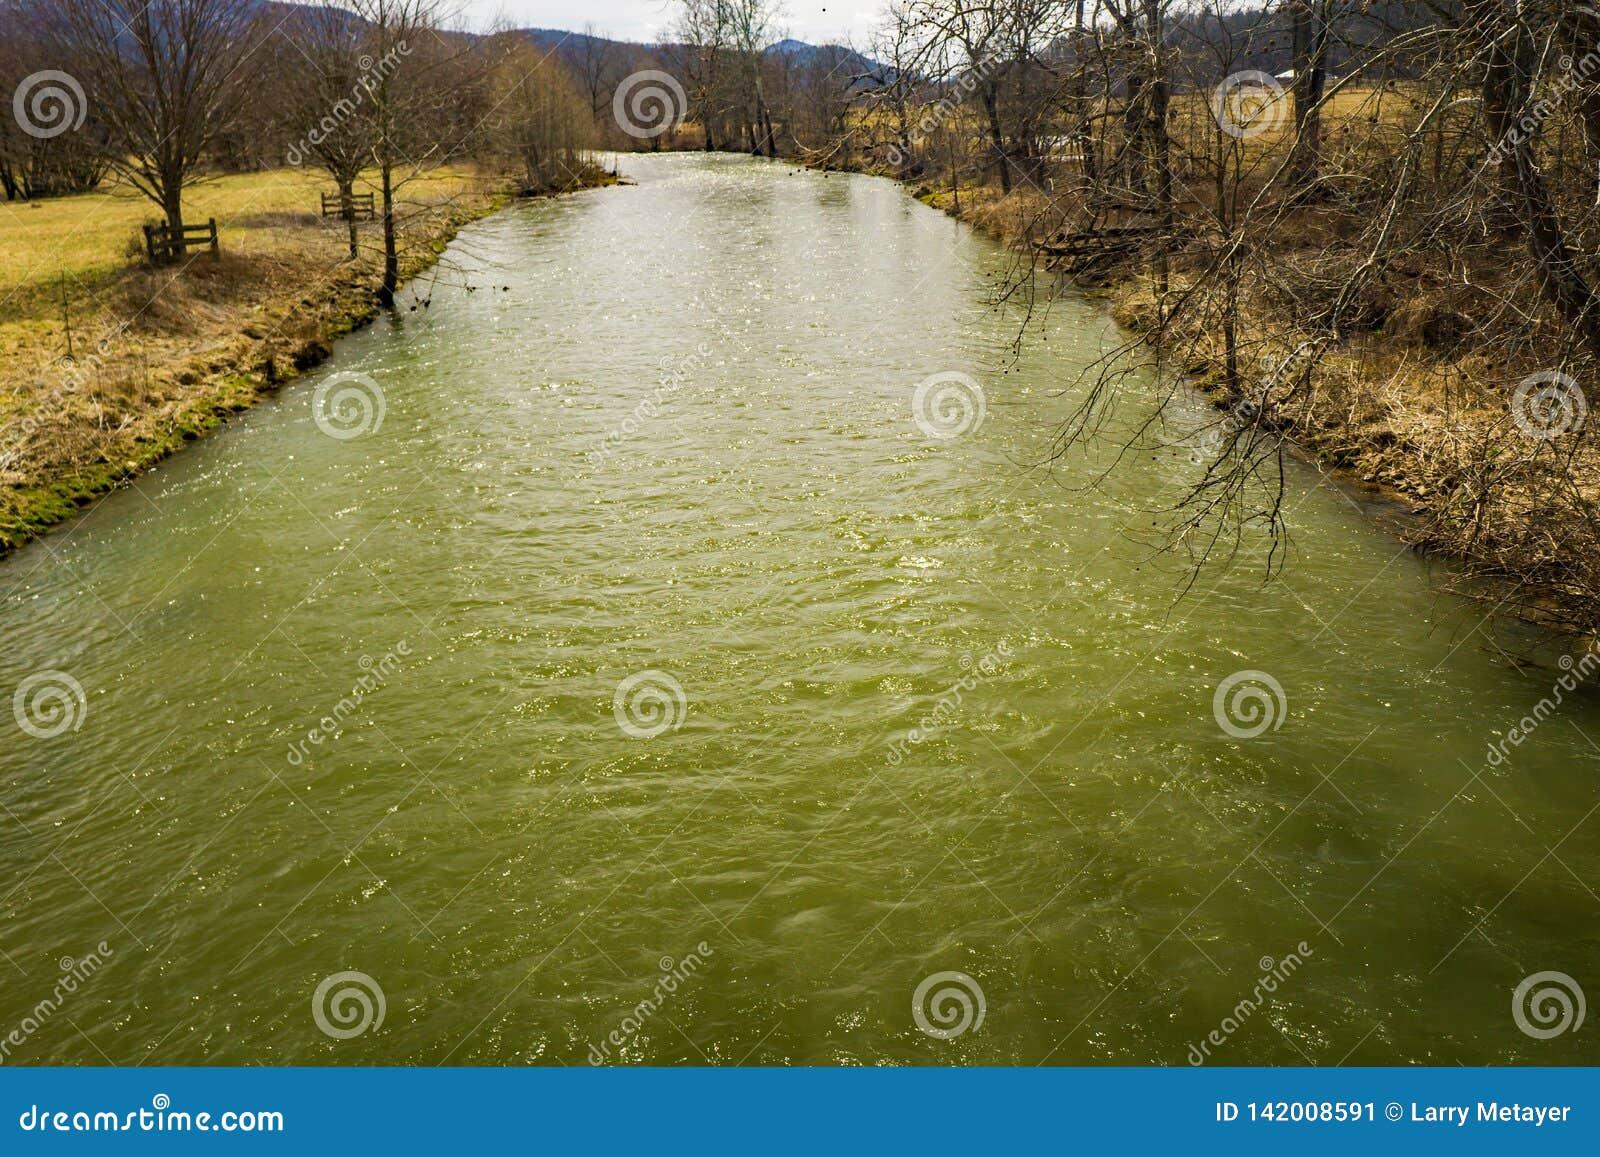 Jackson River no Condado de Highland, Virg?nia, EUA